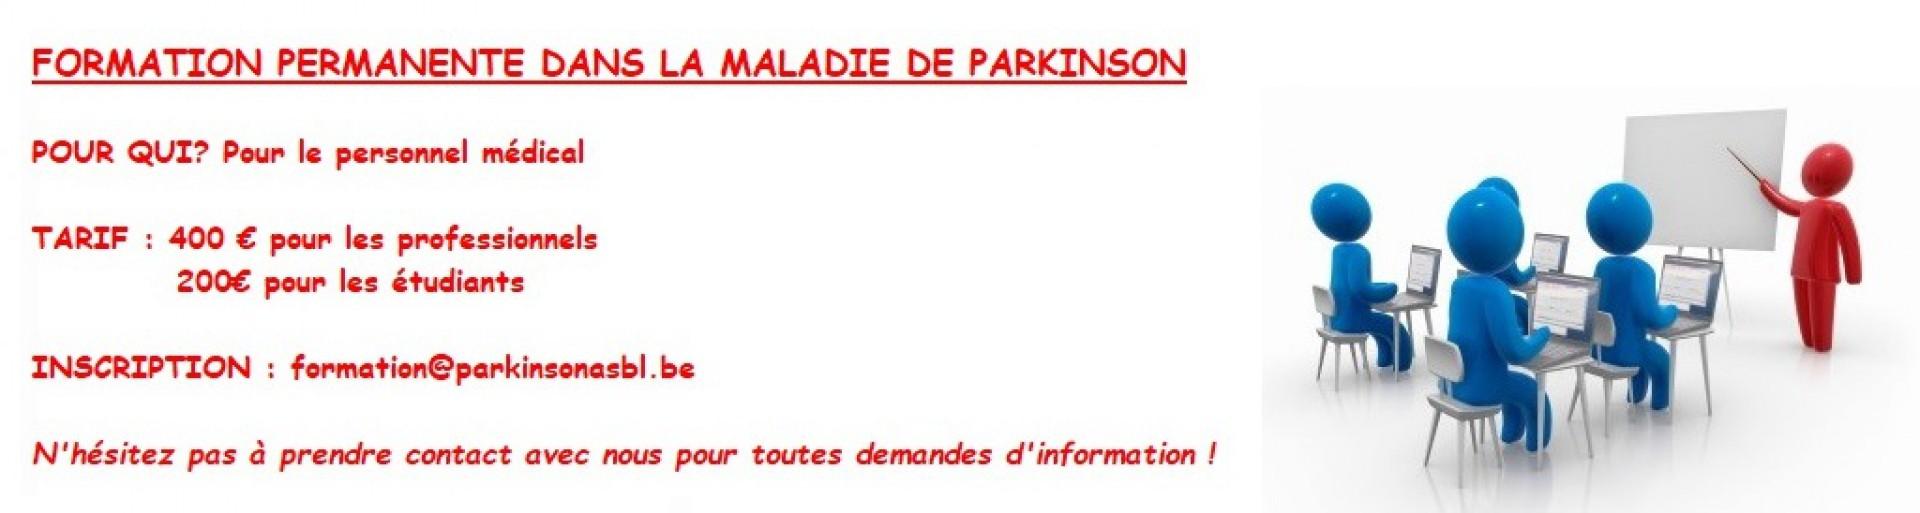 Association Parkinson - Ensemble bien plus forts !